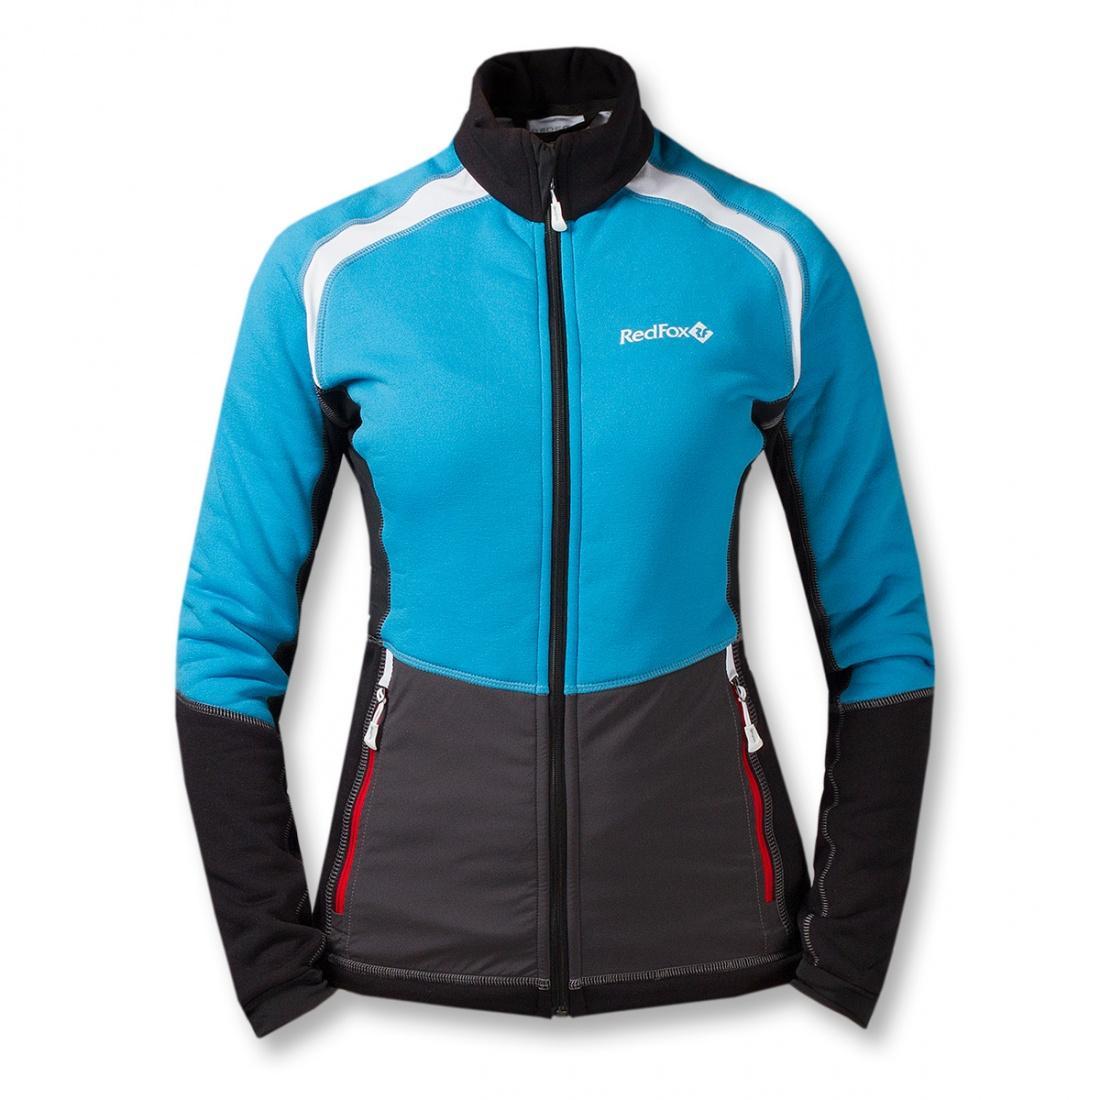 Куртка St.Line ЖенскаяКуртки<br><br> Легкая спортивная куртка на молнии из материалаPolartec® Power Stretch® Pro.Можно использовать в качестве промежуточного или<br> верхнего утепляющего слоя.<br><br><br> Основные характеристики:<br><br><br>анатомическая приталенная ...<br><br>Цвет: Голубой<br>Размер: 48